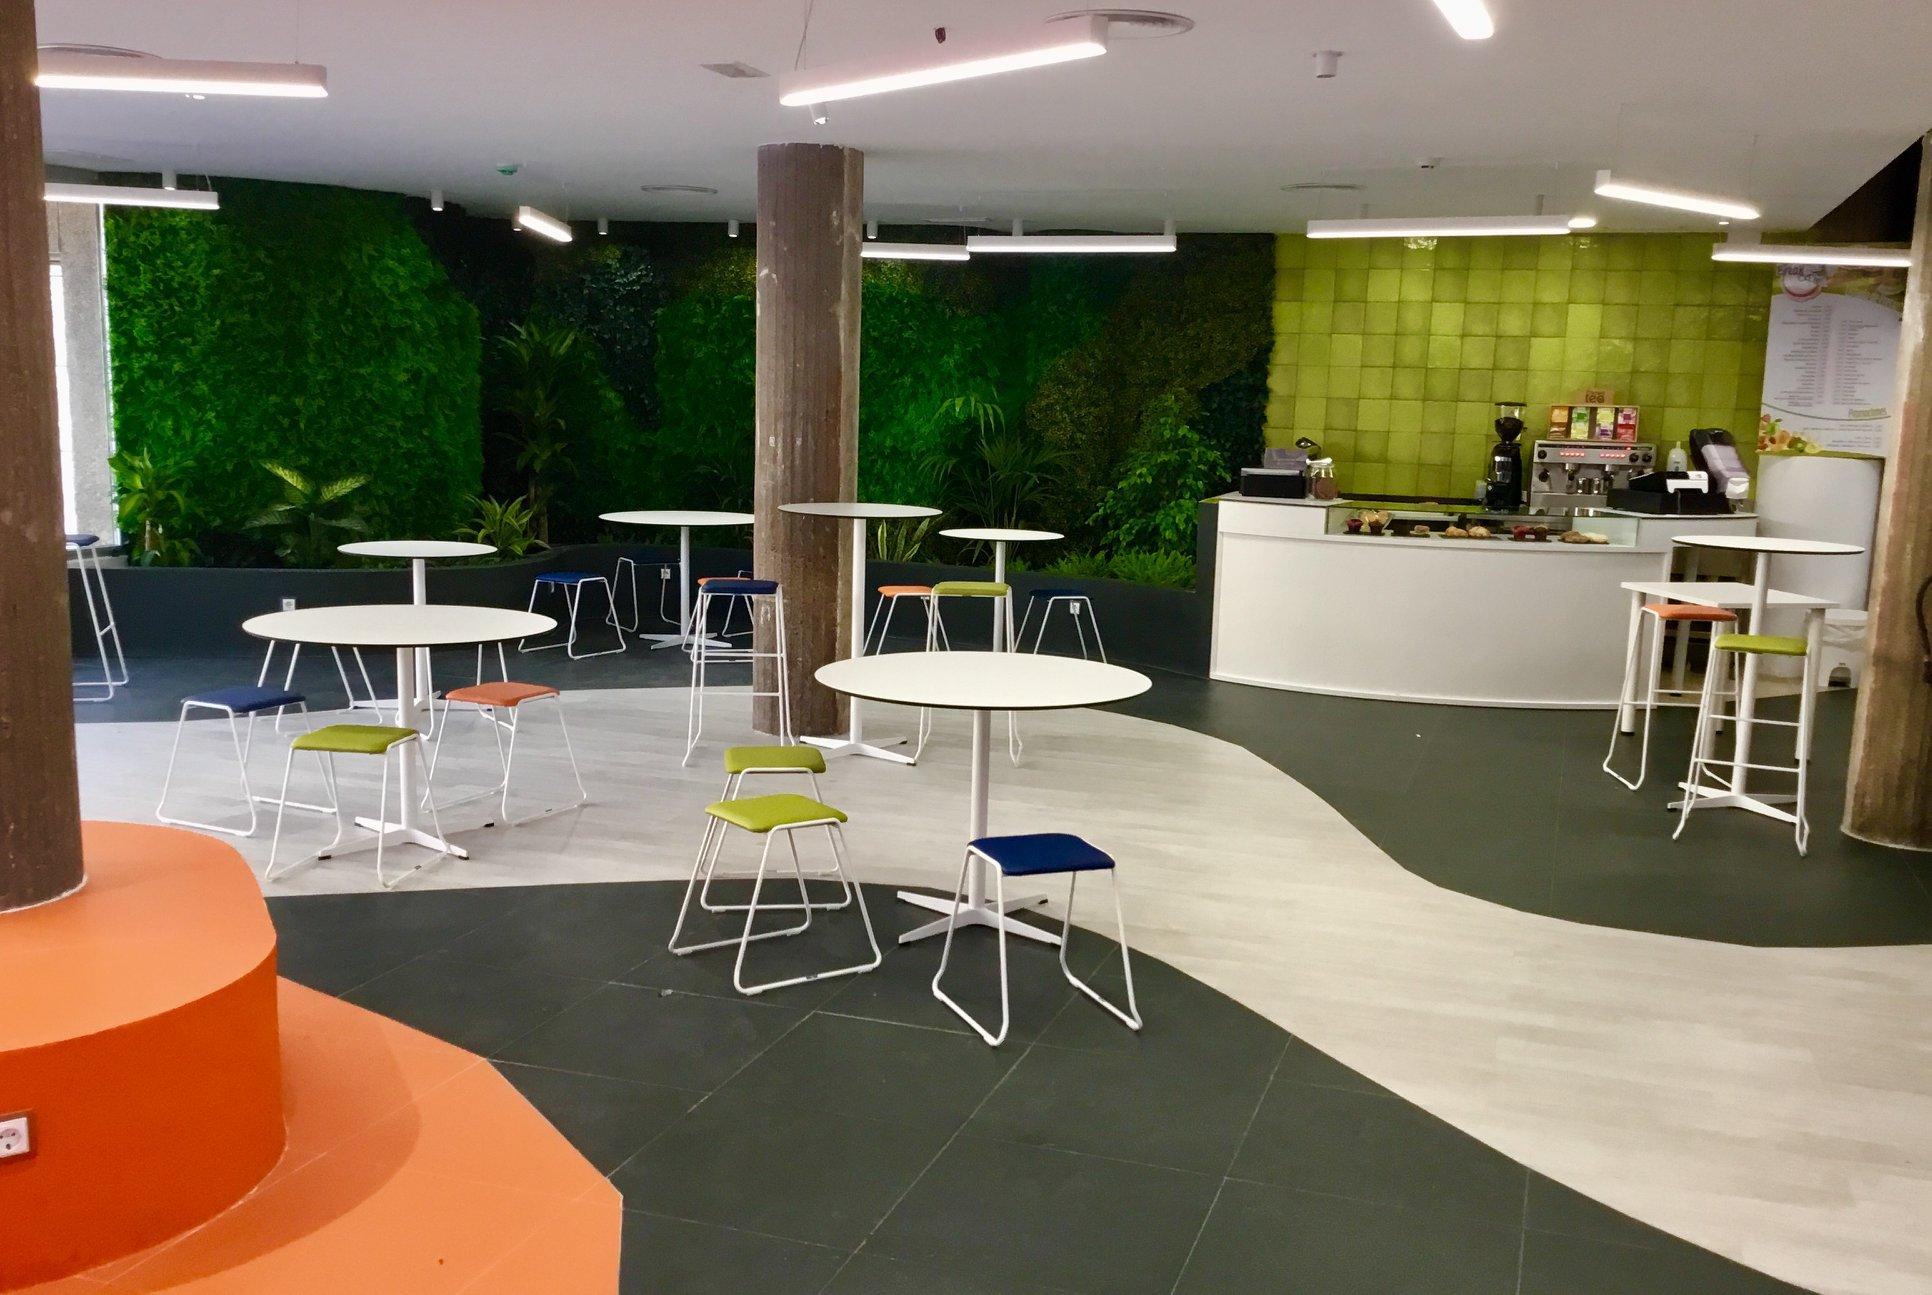 Nueva cafetería para el Colegio Joyfe